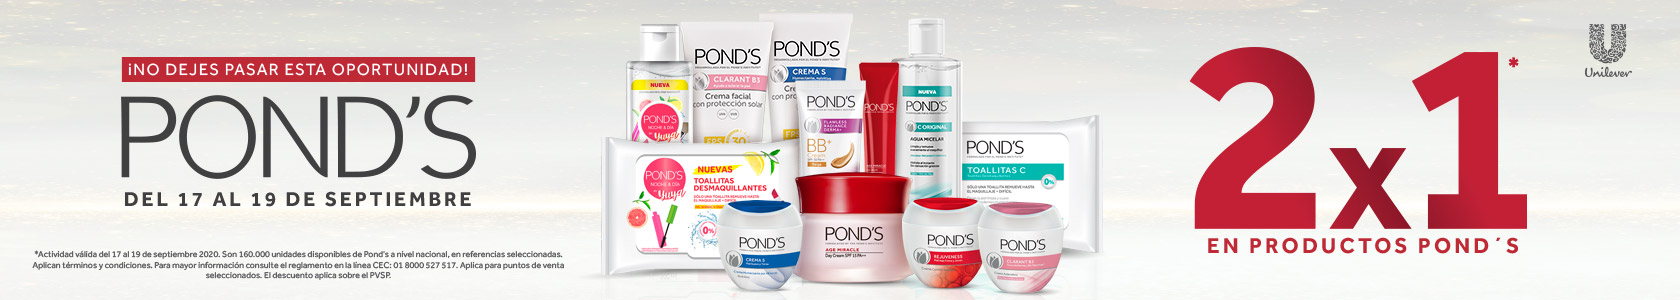 Ponds 2x1